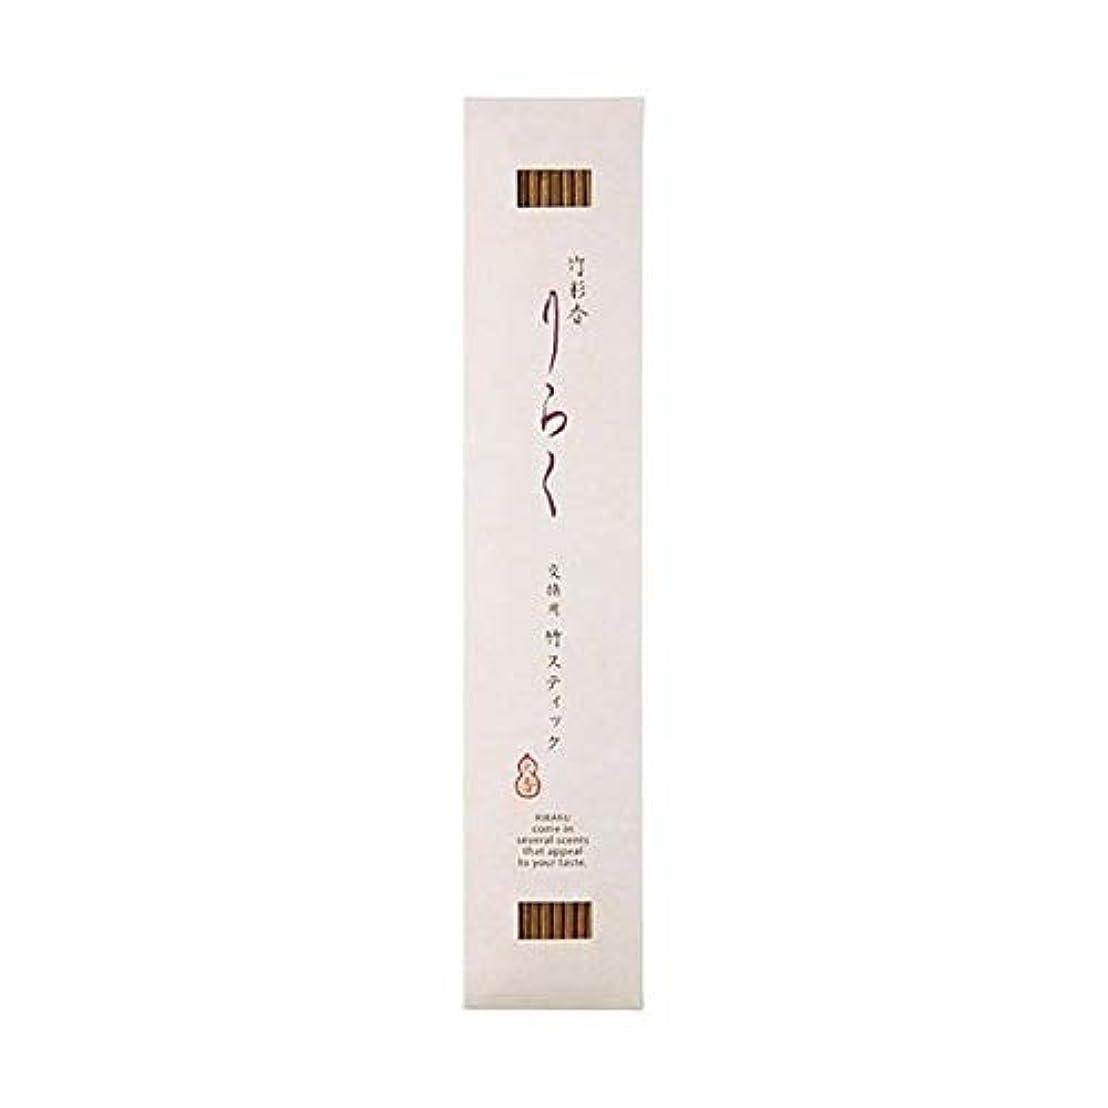 怒り定説縮約竹彩香りらく 交換用竹スティック白檀の色 10本